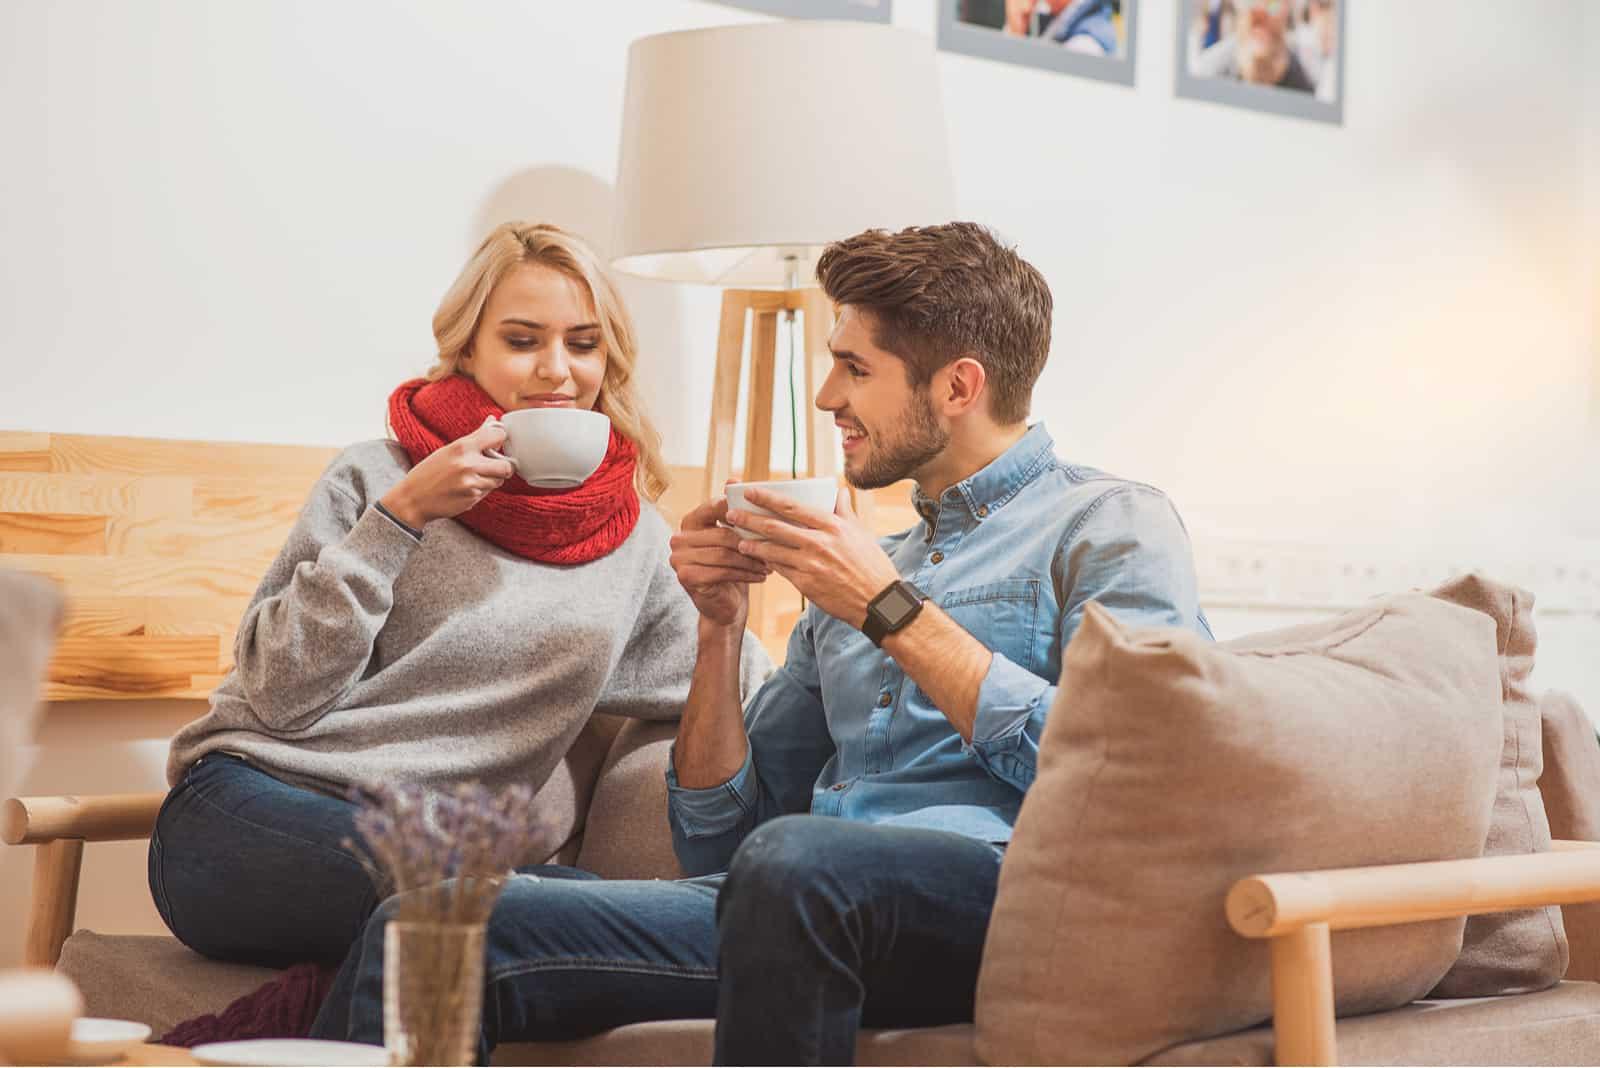 ein Mann und eine Frau trinken Kaffee und unterhalten sich